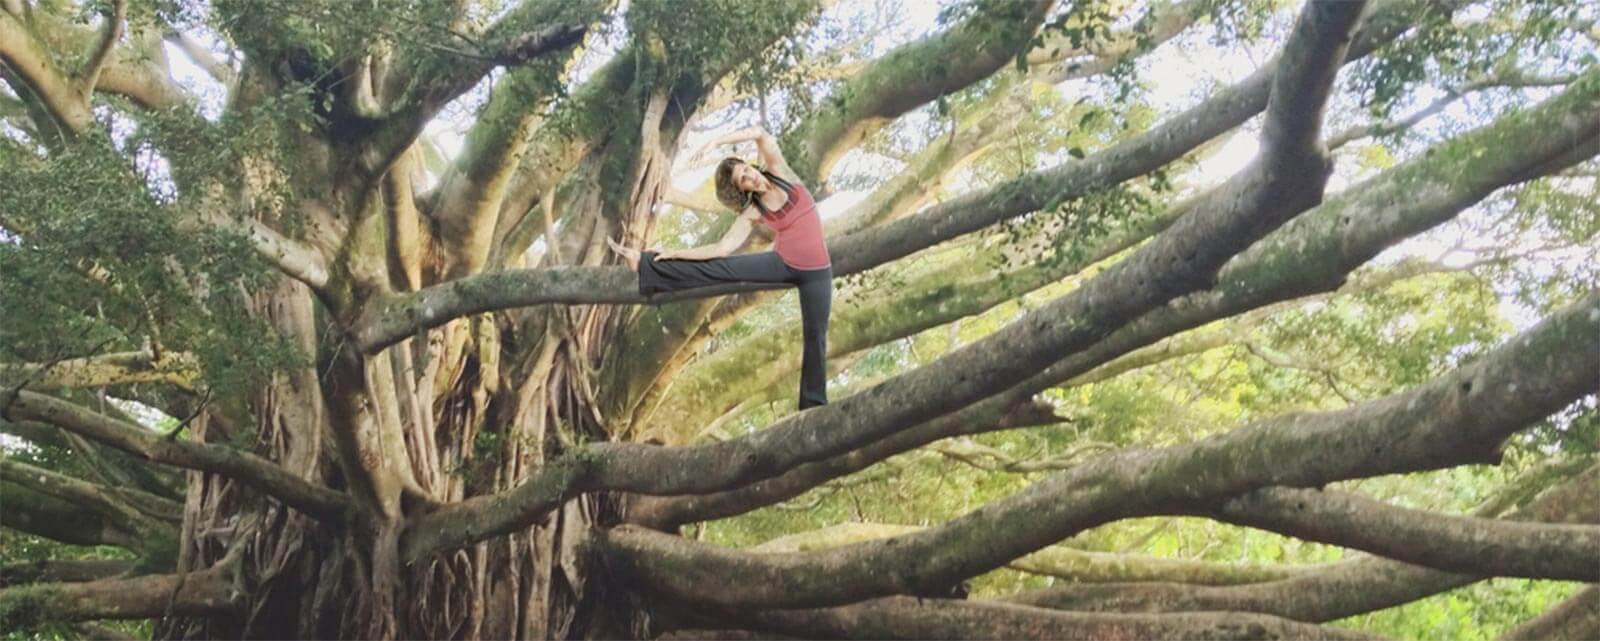 Tree Stretch